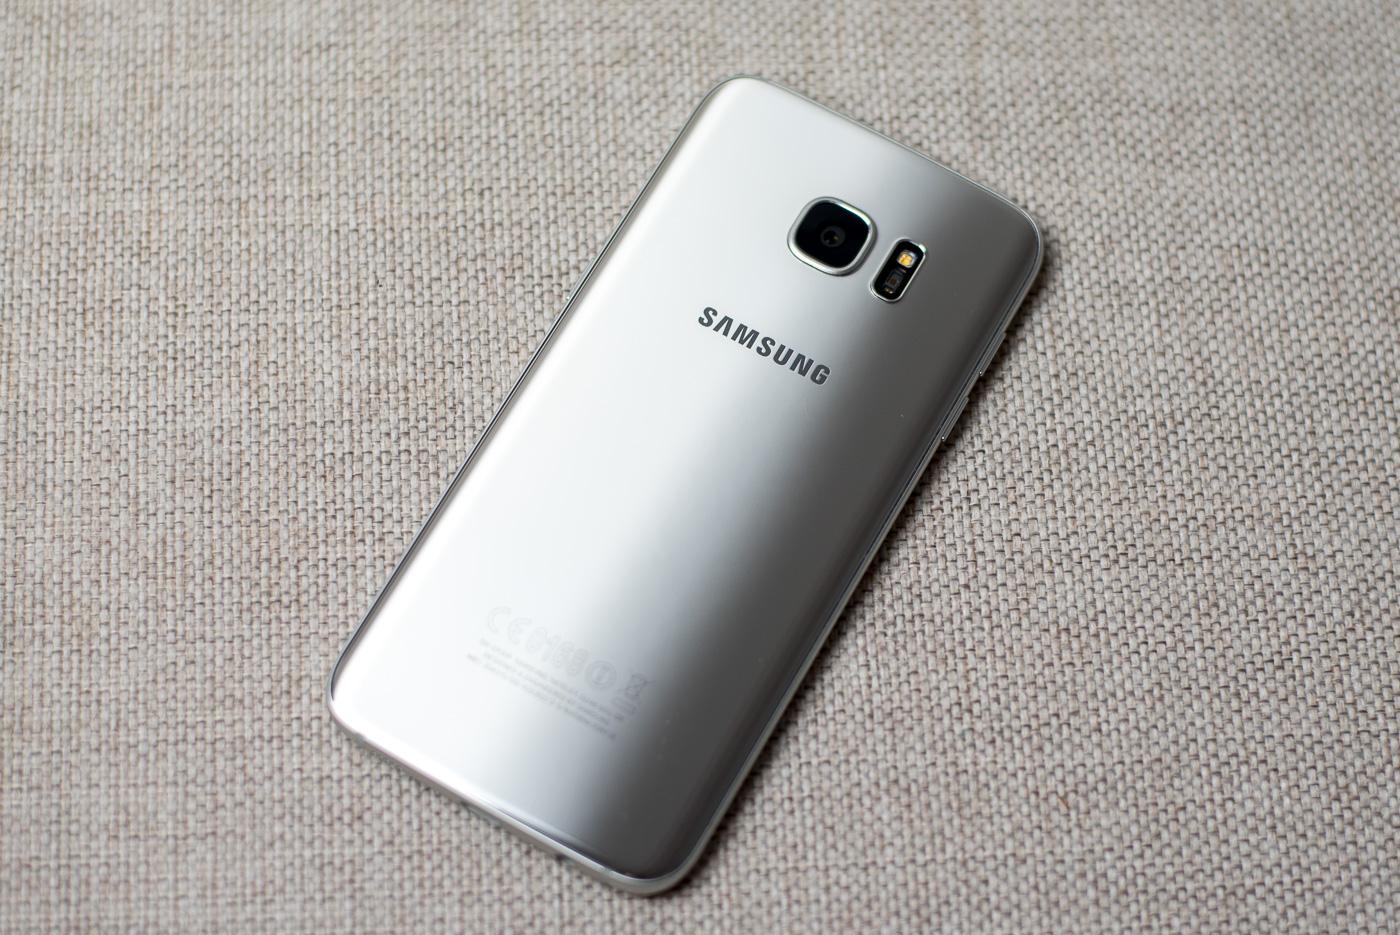 Jak kupić najbardziej opłacalny smartfon? Wystarczy kierować się tymi dwoma zasadami